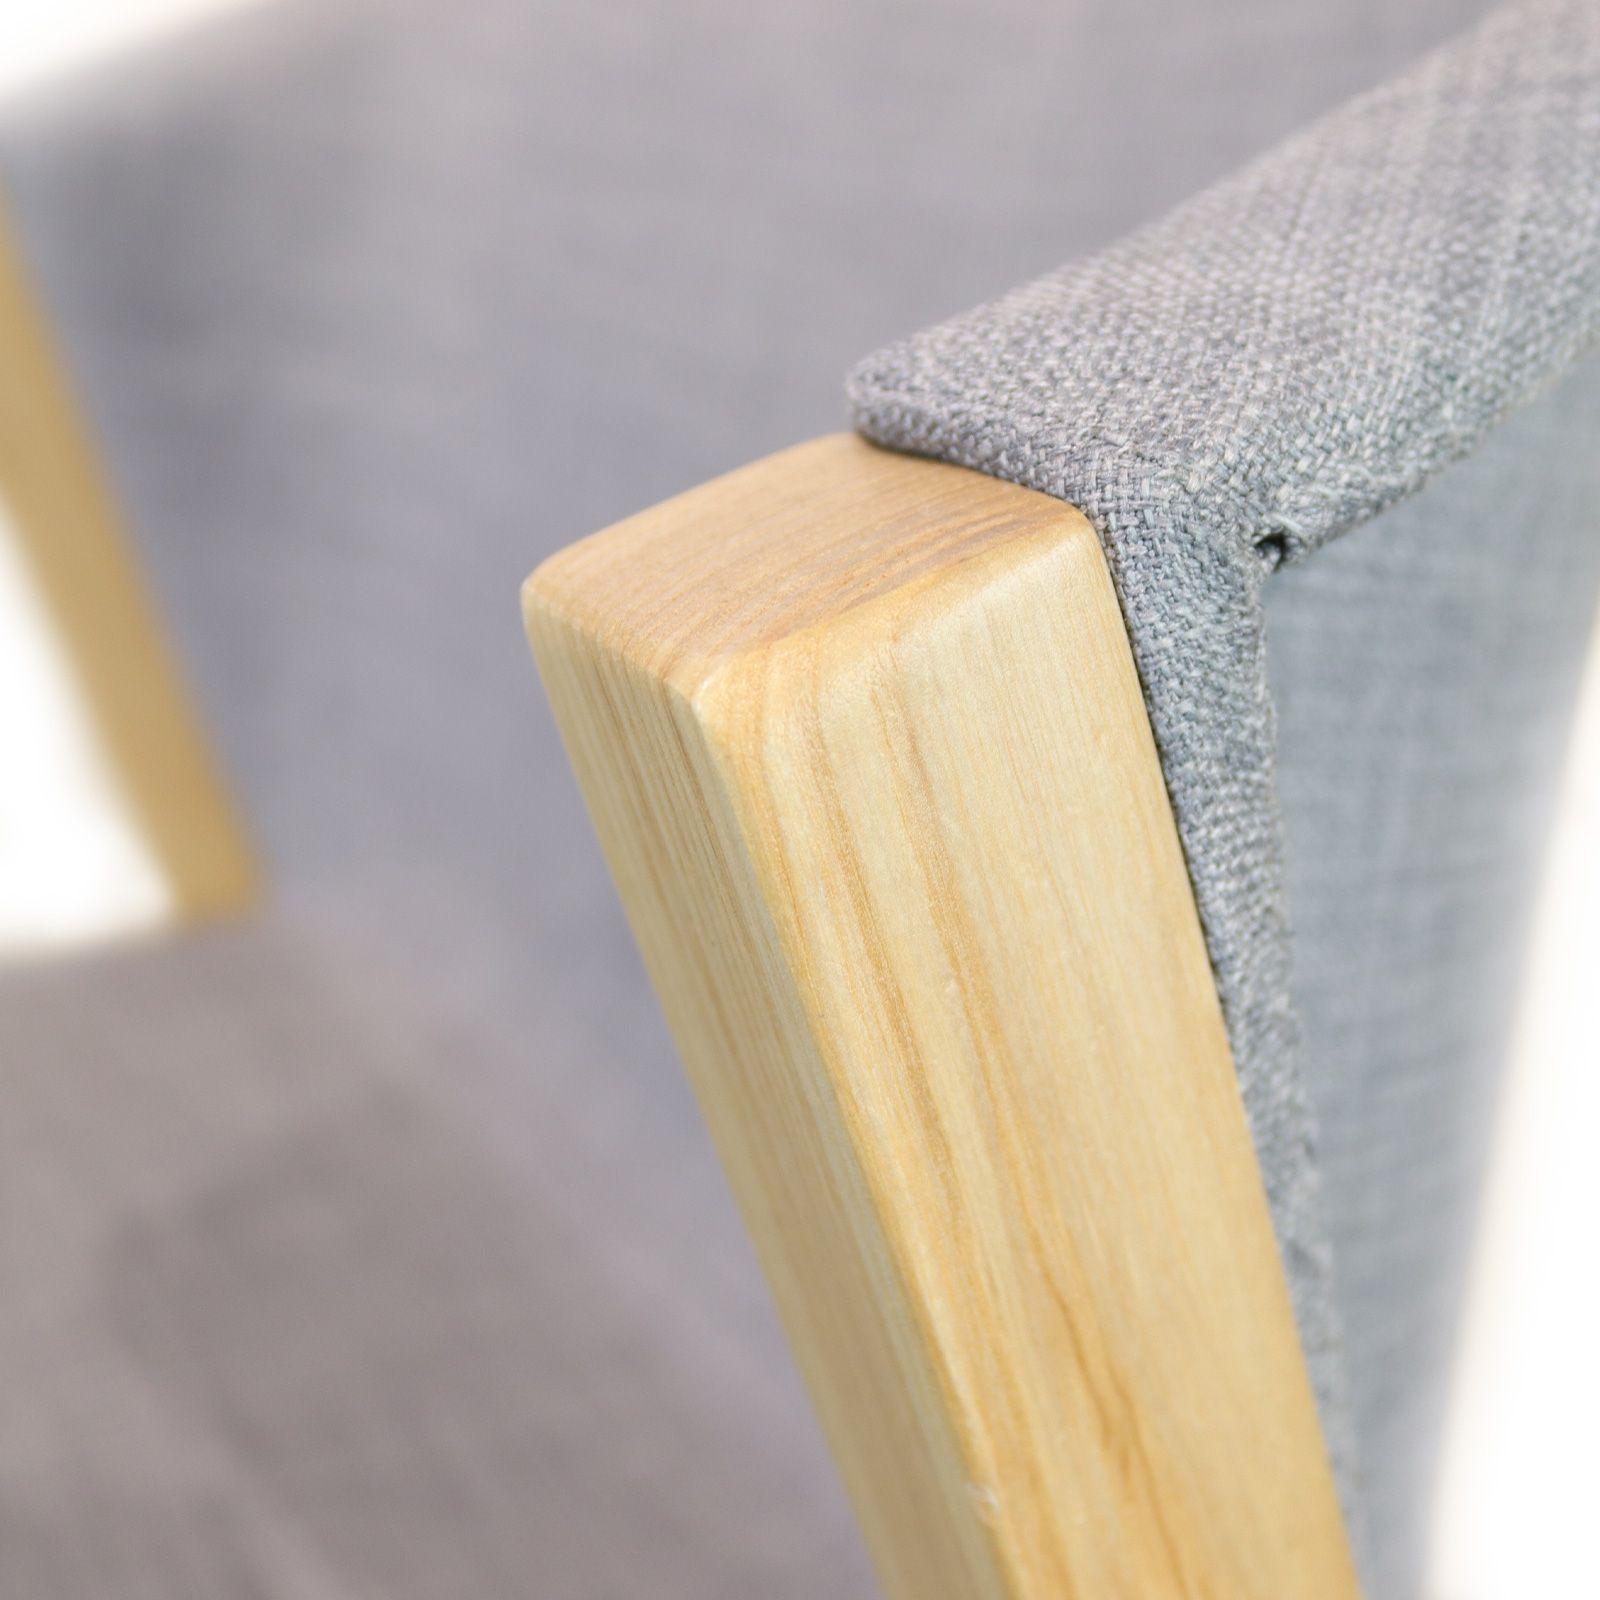 JUANSAN Linen | Silla con estructura de madera de haya y tapizado (61 x 58 x 78,5 cm)